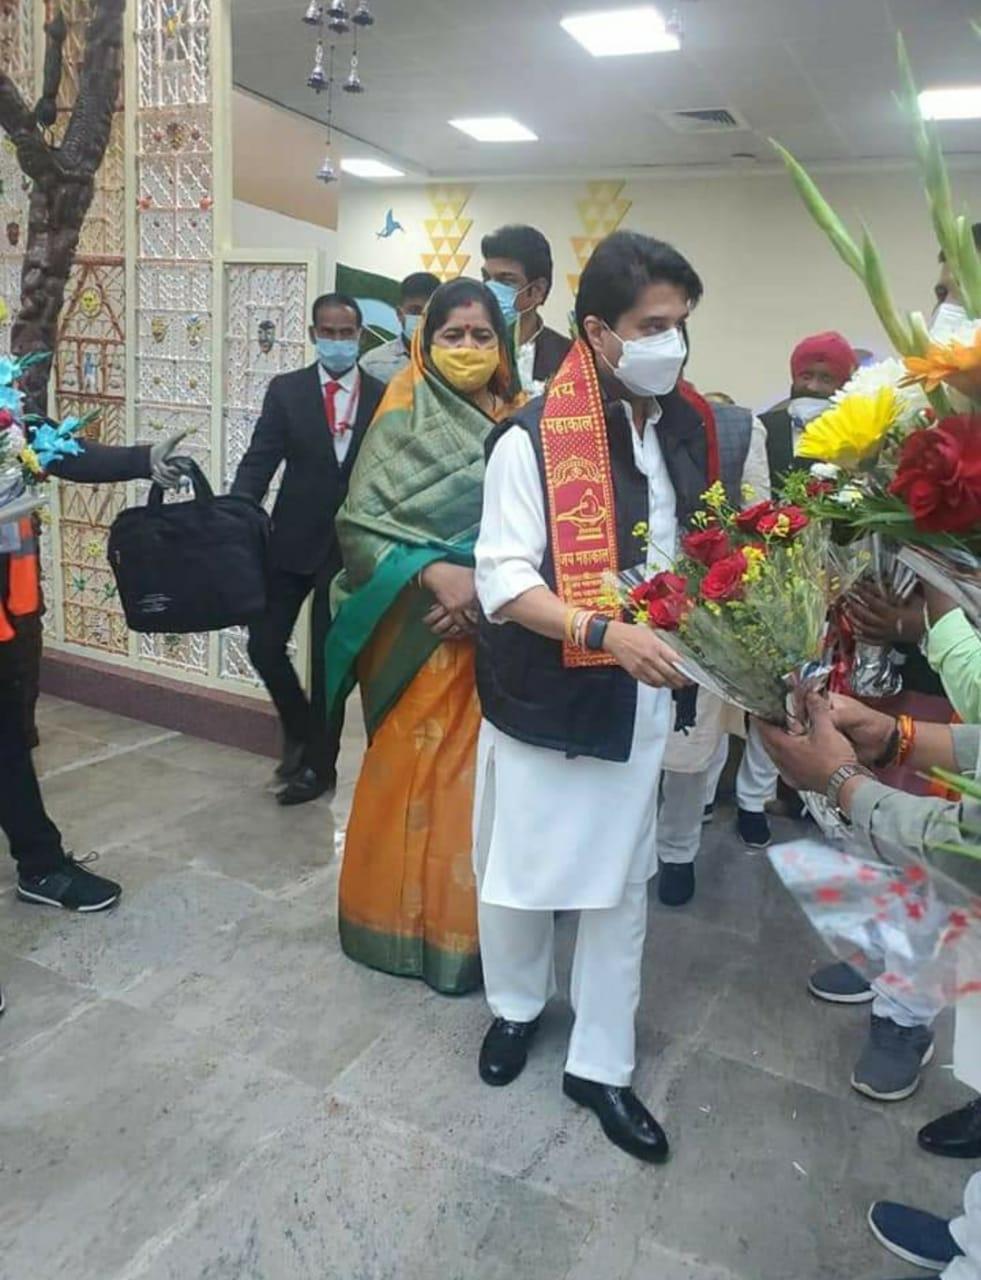 भोपाल में सिंधिया: 40 गाड़ियों के काफिले के साथ CM हाउस पहुंचे, 12 दिन में दूसरे बार शिवराज के साथ बैठक करेंगे